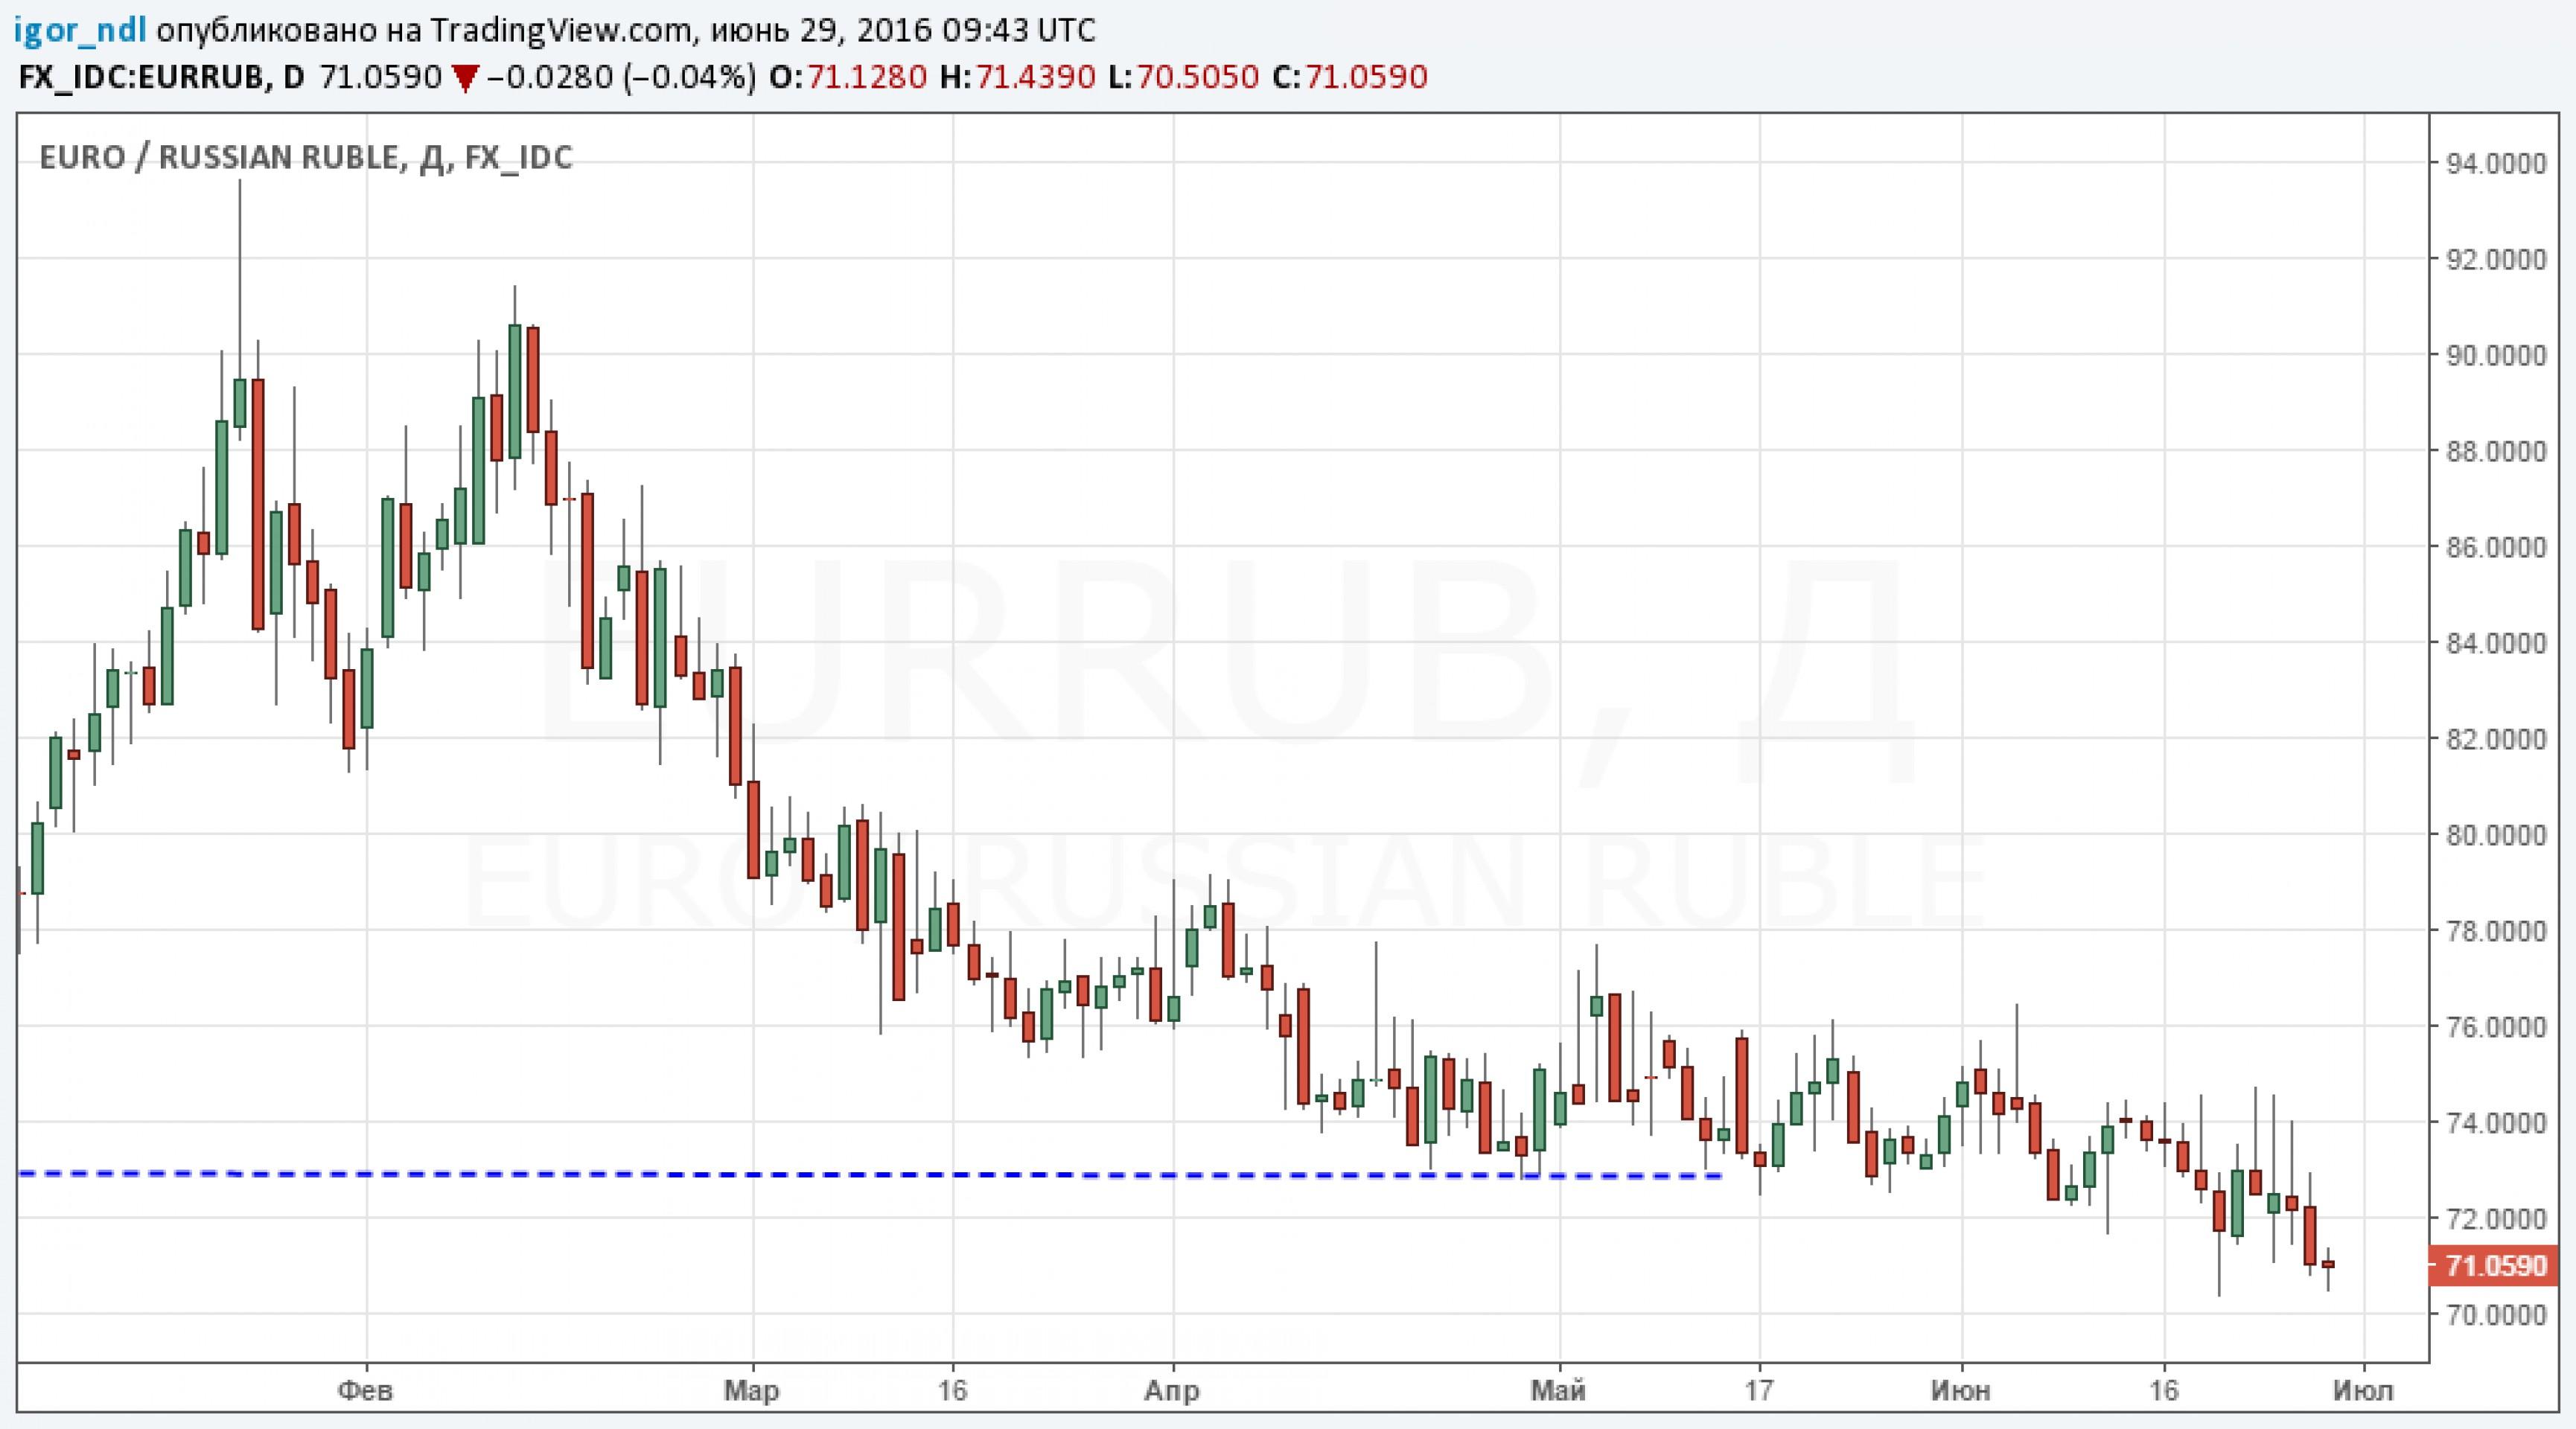 Рубль пережил последствия Brexit лучше всех